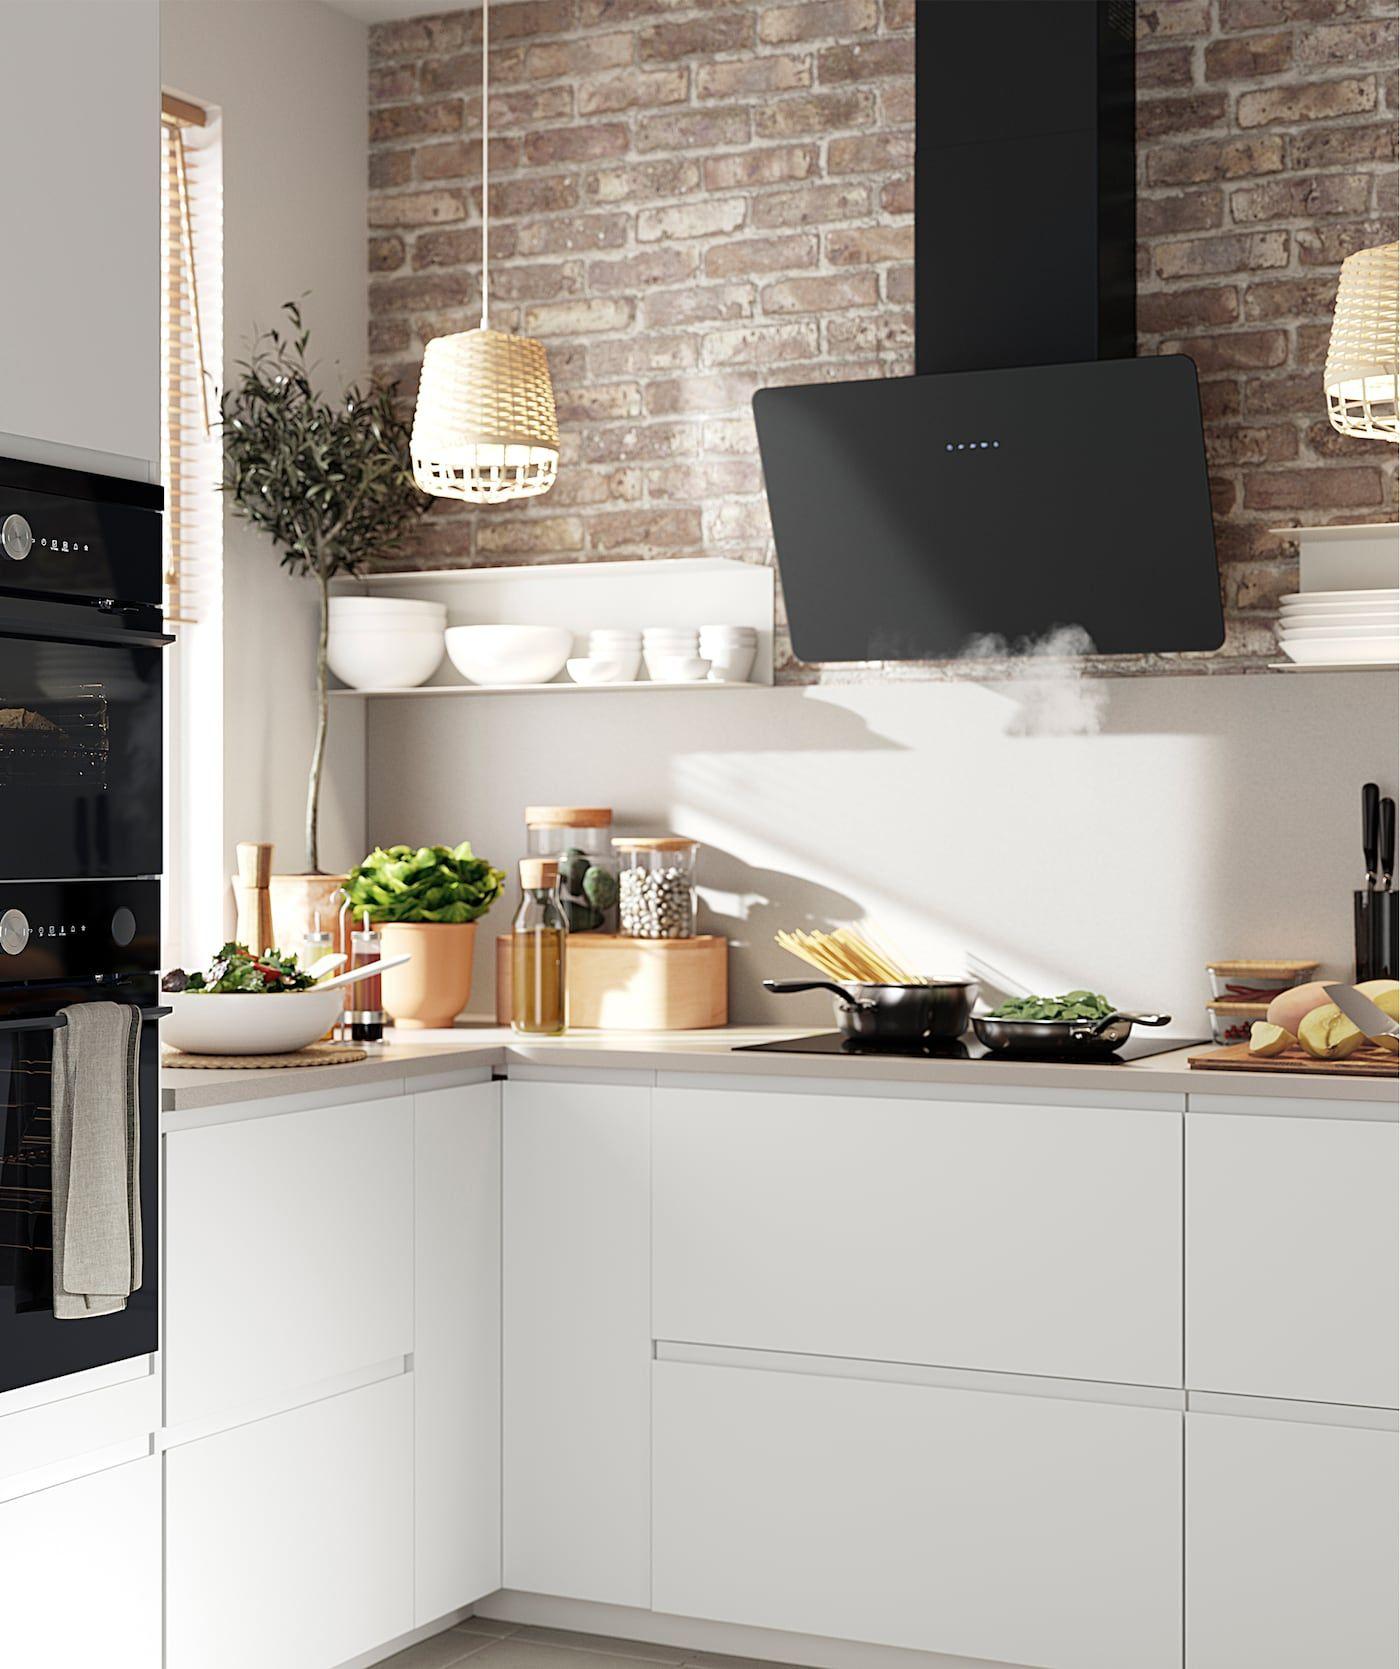 Elettrodomestici Alleati Preziosi Ikea Ideas Nel 2019